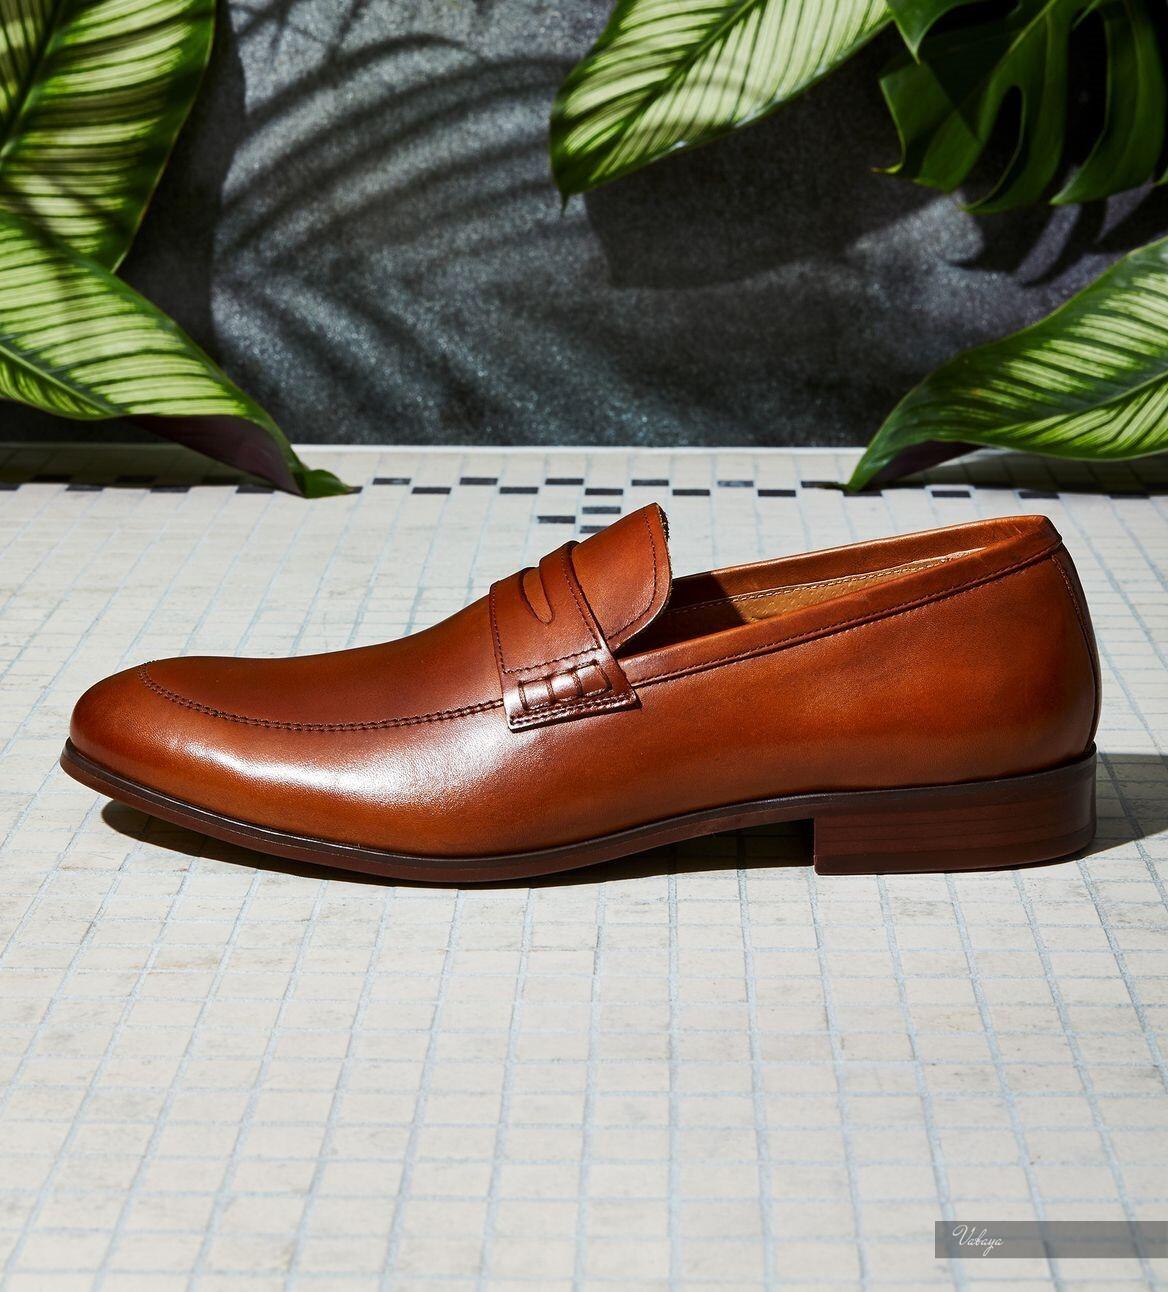 Giày lười Penny được nam giới ưa chuộng vì dễ phối đồ trong nhiều sự kiện.